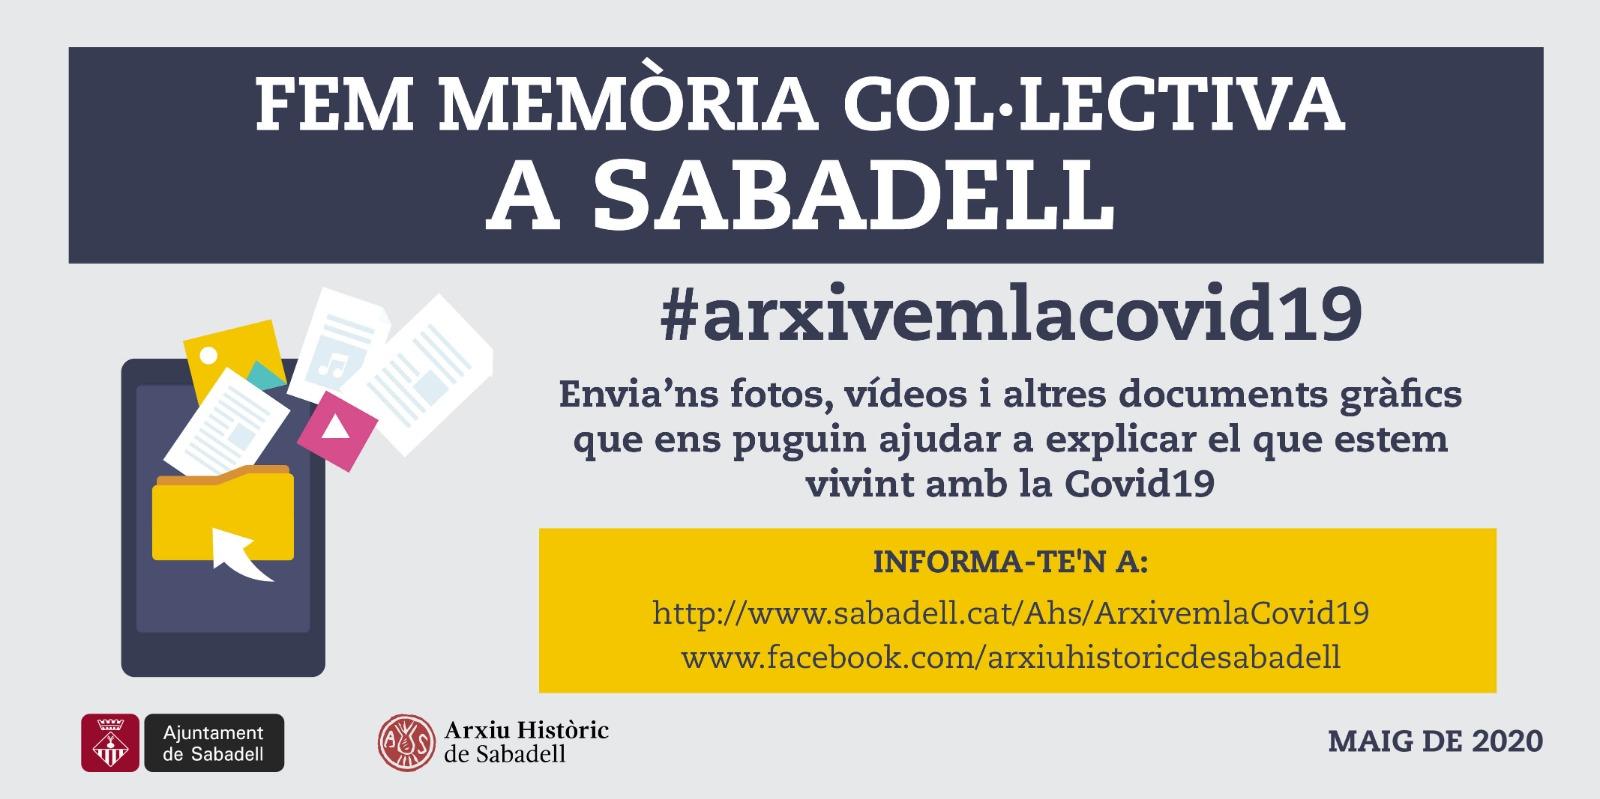 L'Arxiu Històric recull tot tipus de material que ajudi a documentar de cara al futur com s'ha viscut la Covid-19